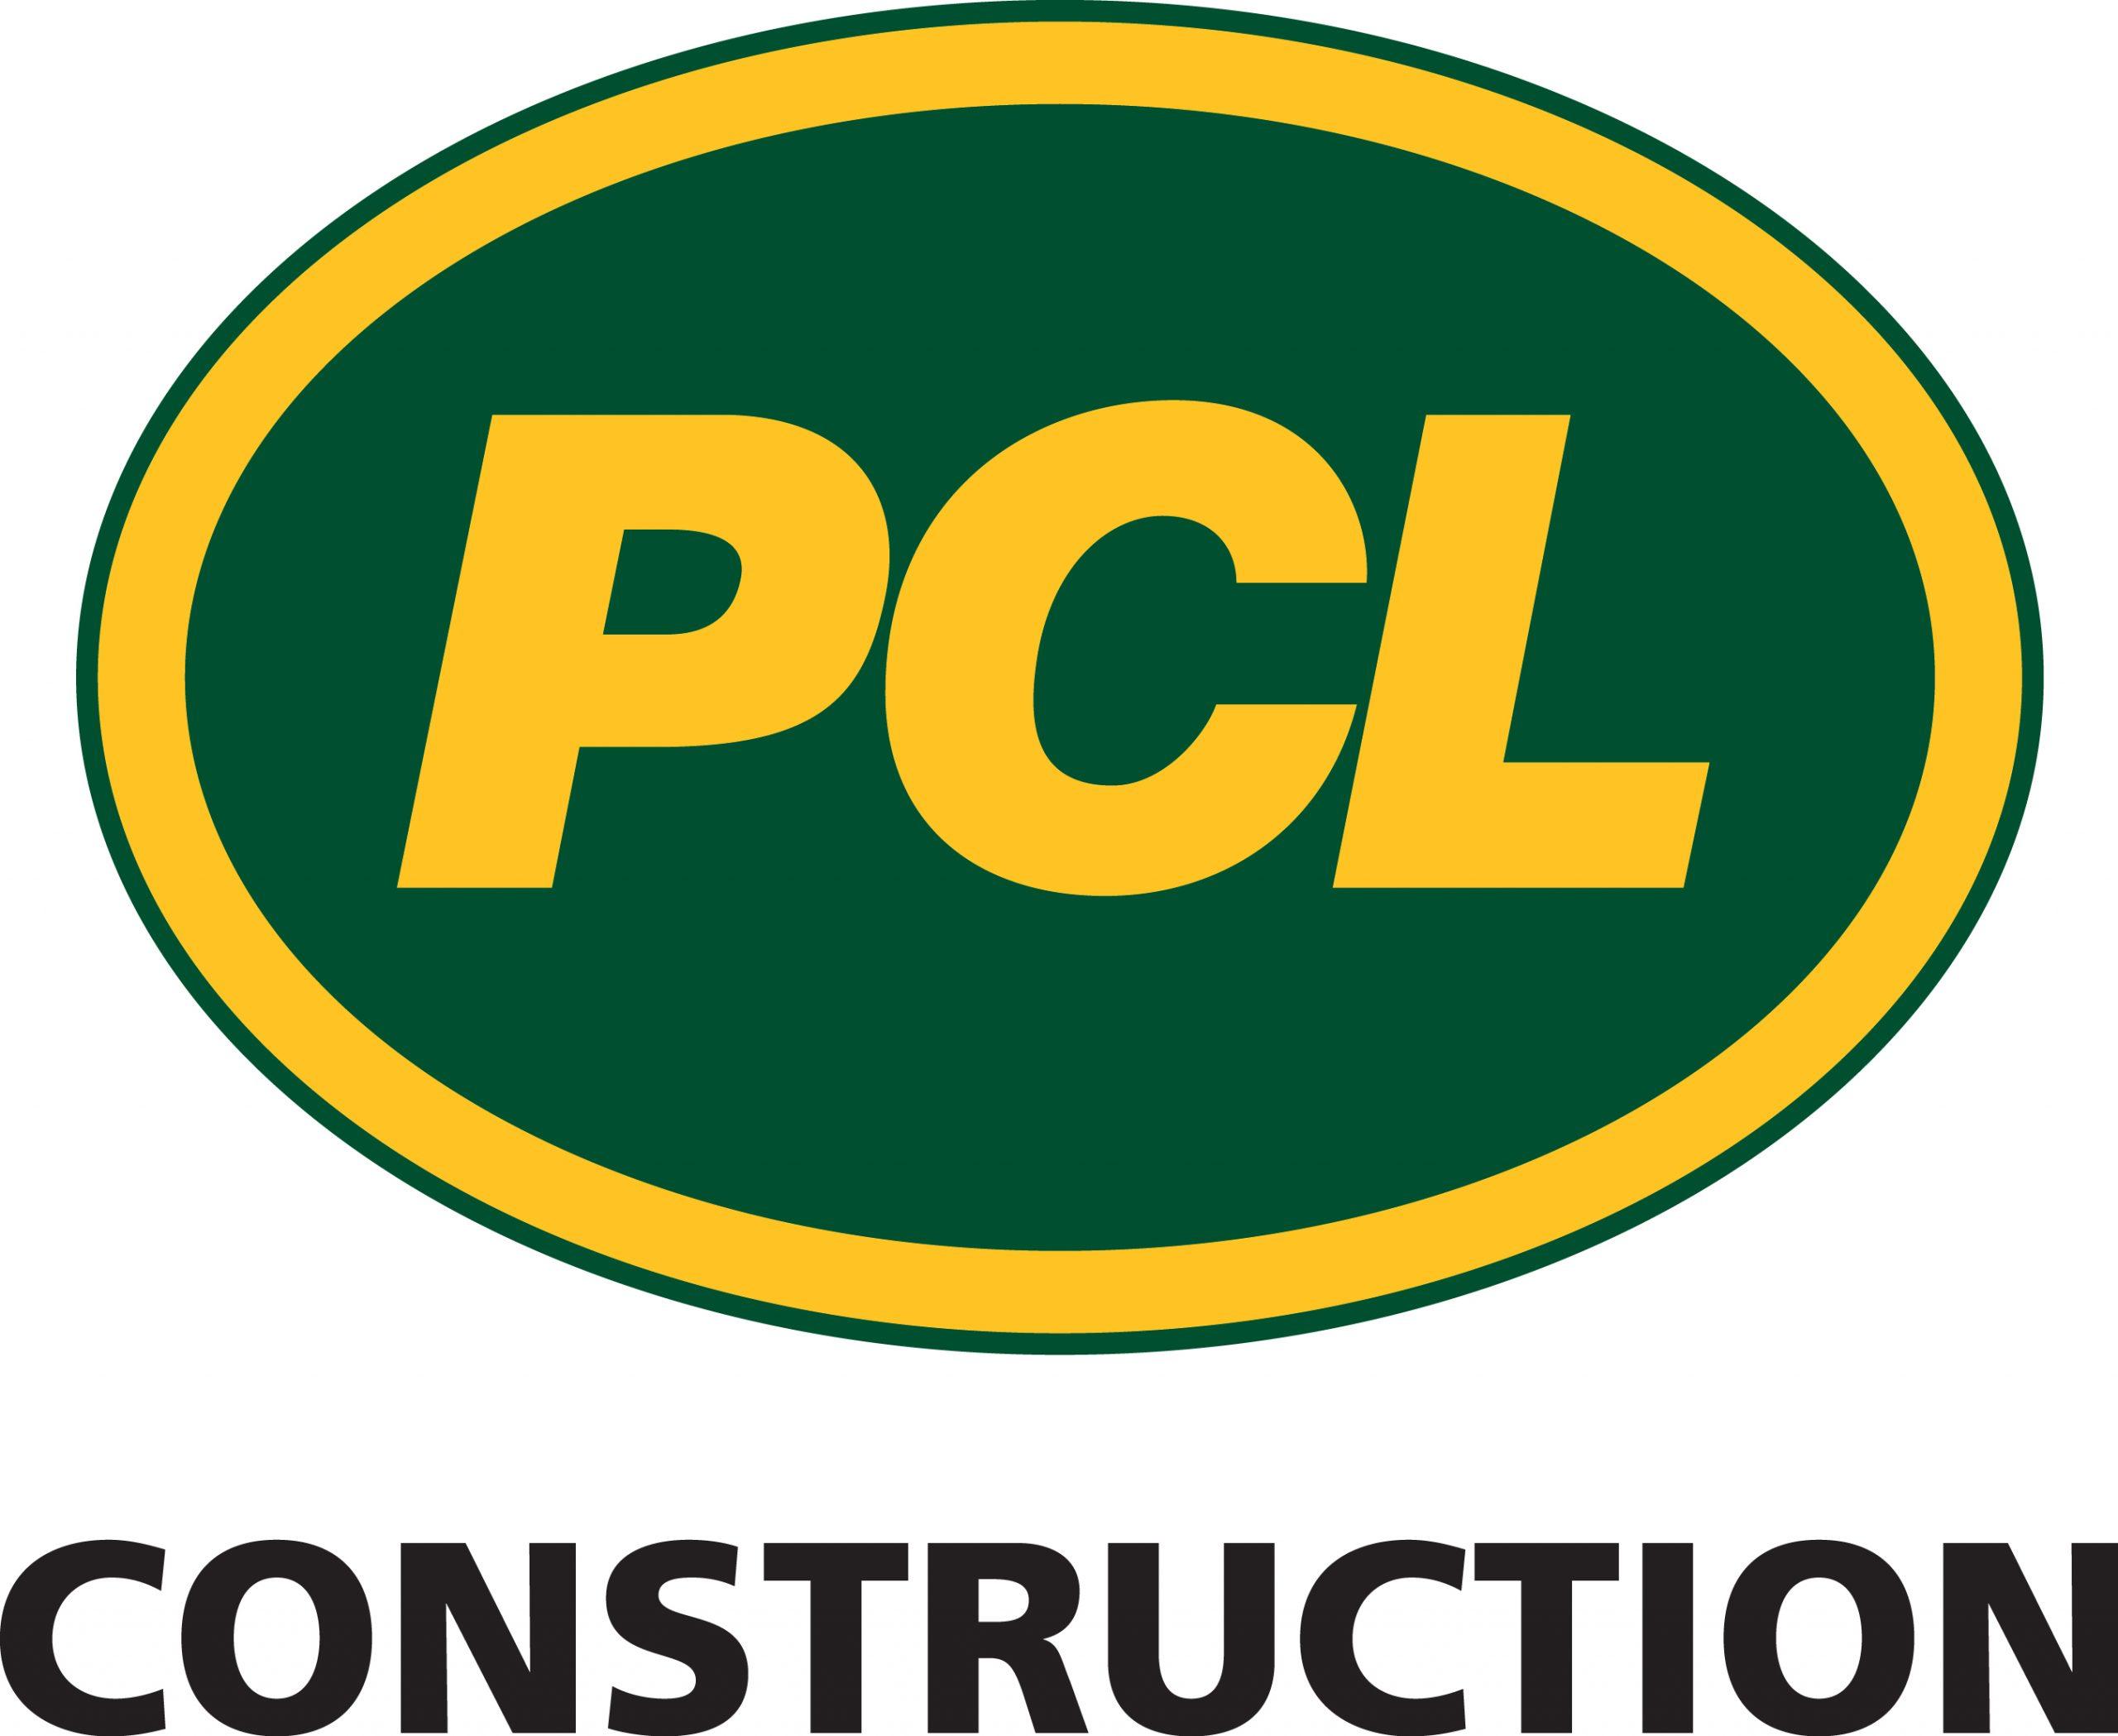 PCL Condtruction